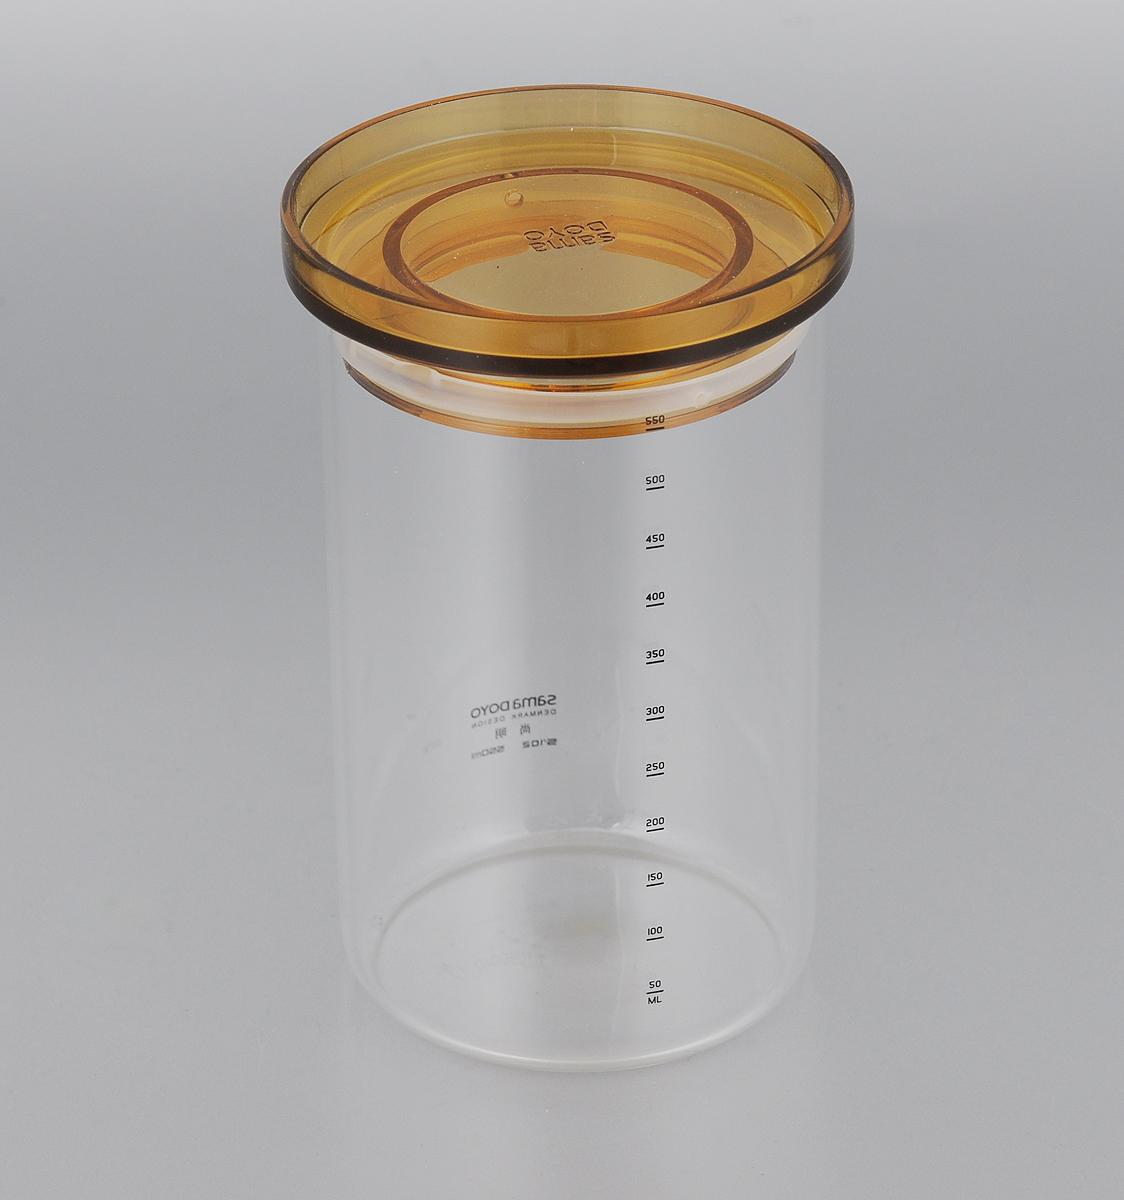 Банка для хранения чая Samadoyo, 550 мл2353Банка для хранения Samadoyo, изготовленная из высококачественного стекла, имеет крышку. Она предназначена для хранения чая или других сыпучих продуктов. Банка Samadoyo станет отличным дополнением к коллекции кухонных аксессуаров и поможет эффективно организовать пространство на кухне.